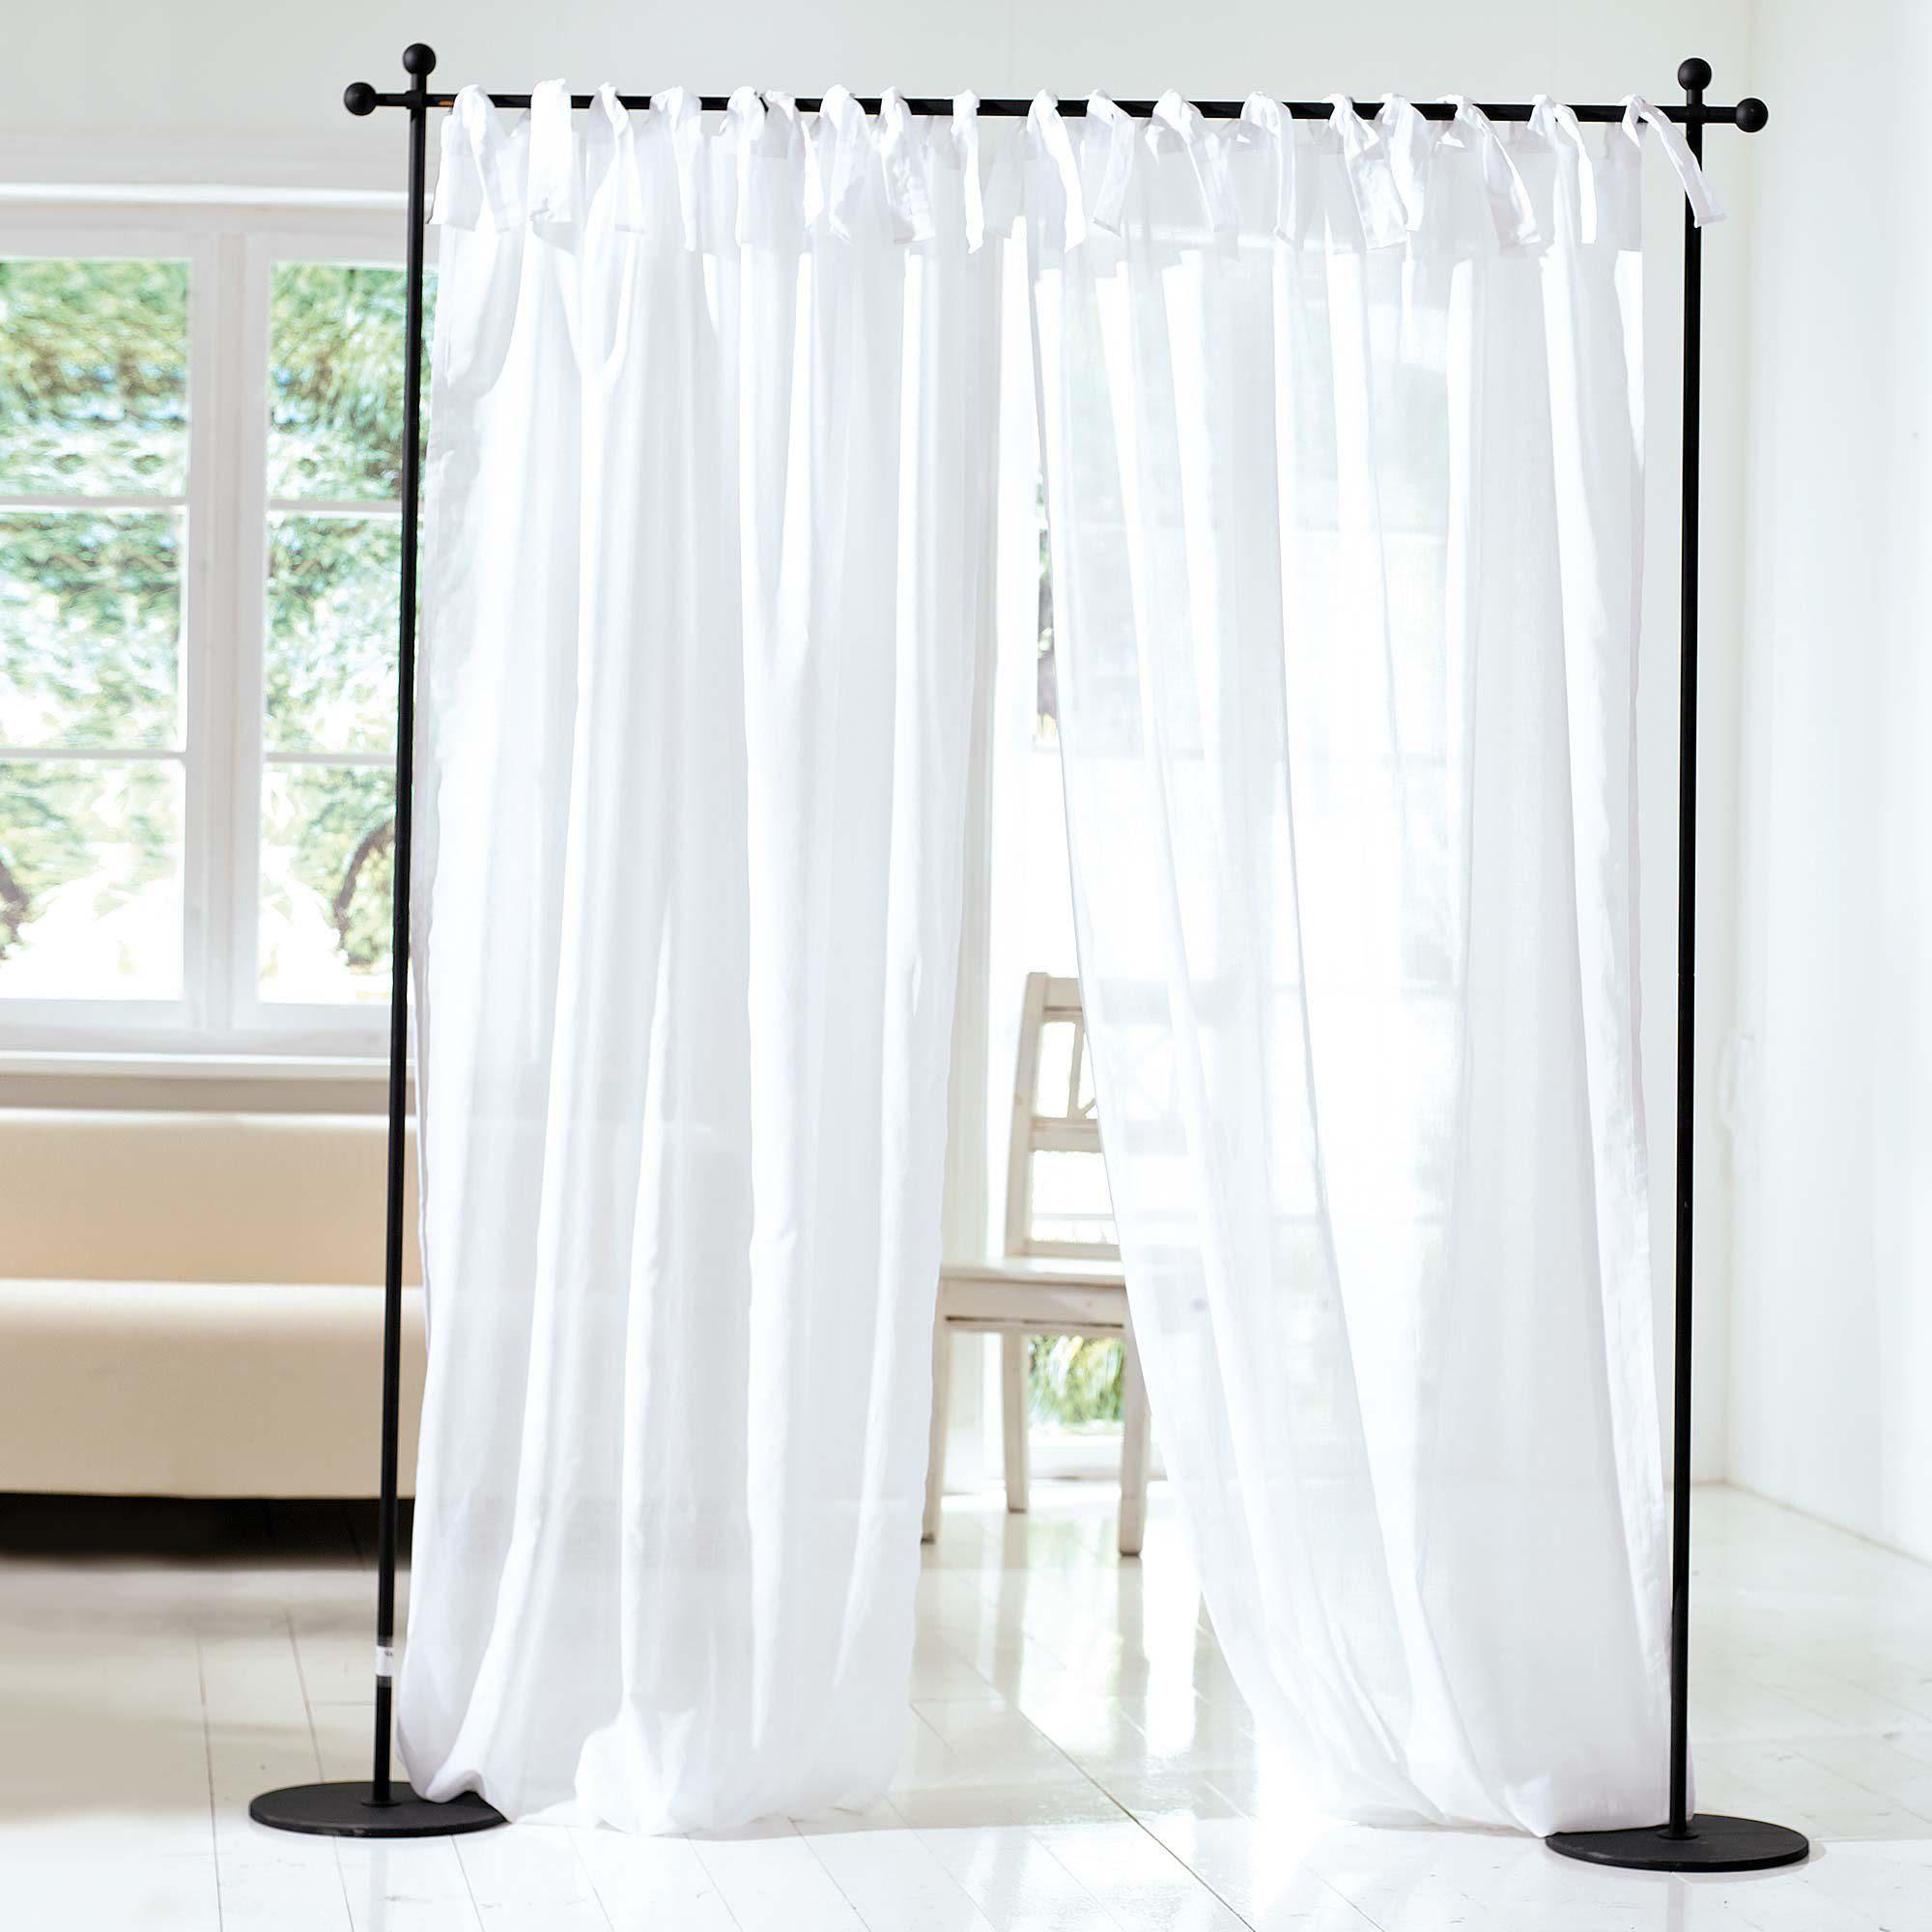 vorhang flock taft vorhang schlaufen living vorhang sterne beigewei baumwolle ldt pause. Black Bedroom Furniture Sets. Home Design Ideas